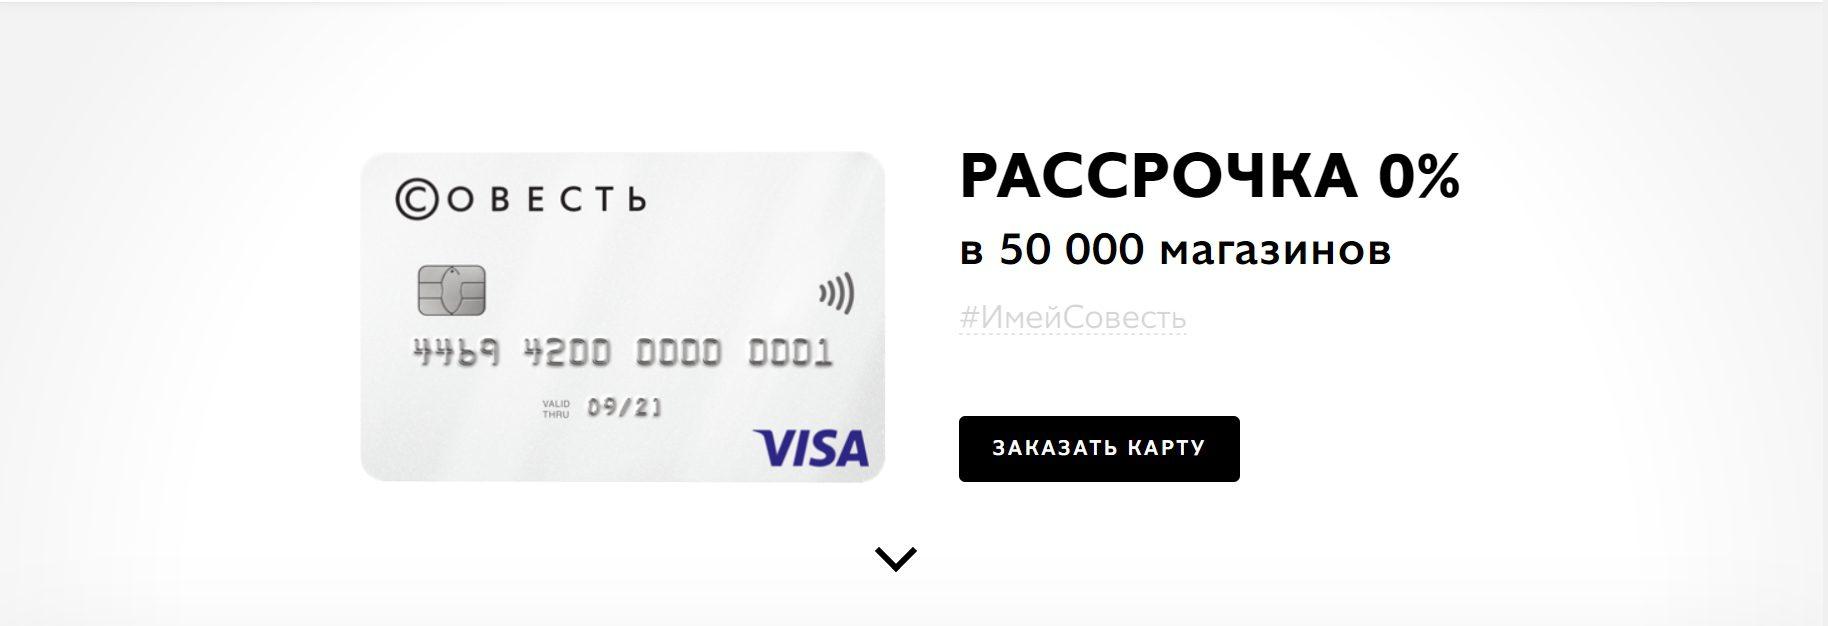 Можно ли переводить деньги с кредитной карты тинькофф на другую карту тинькофф